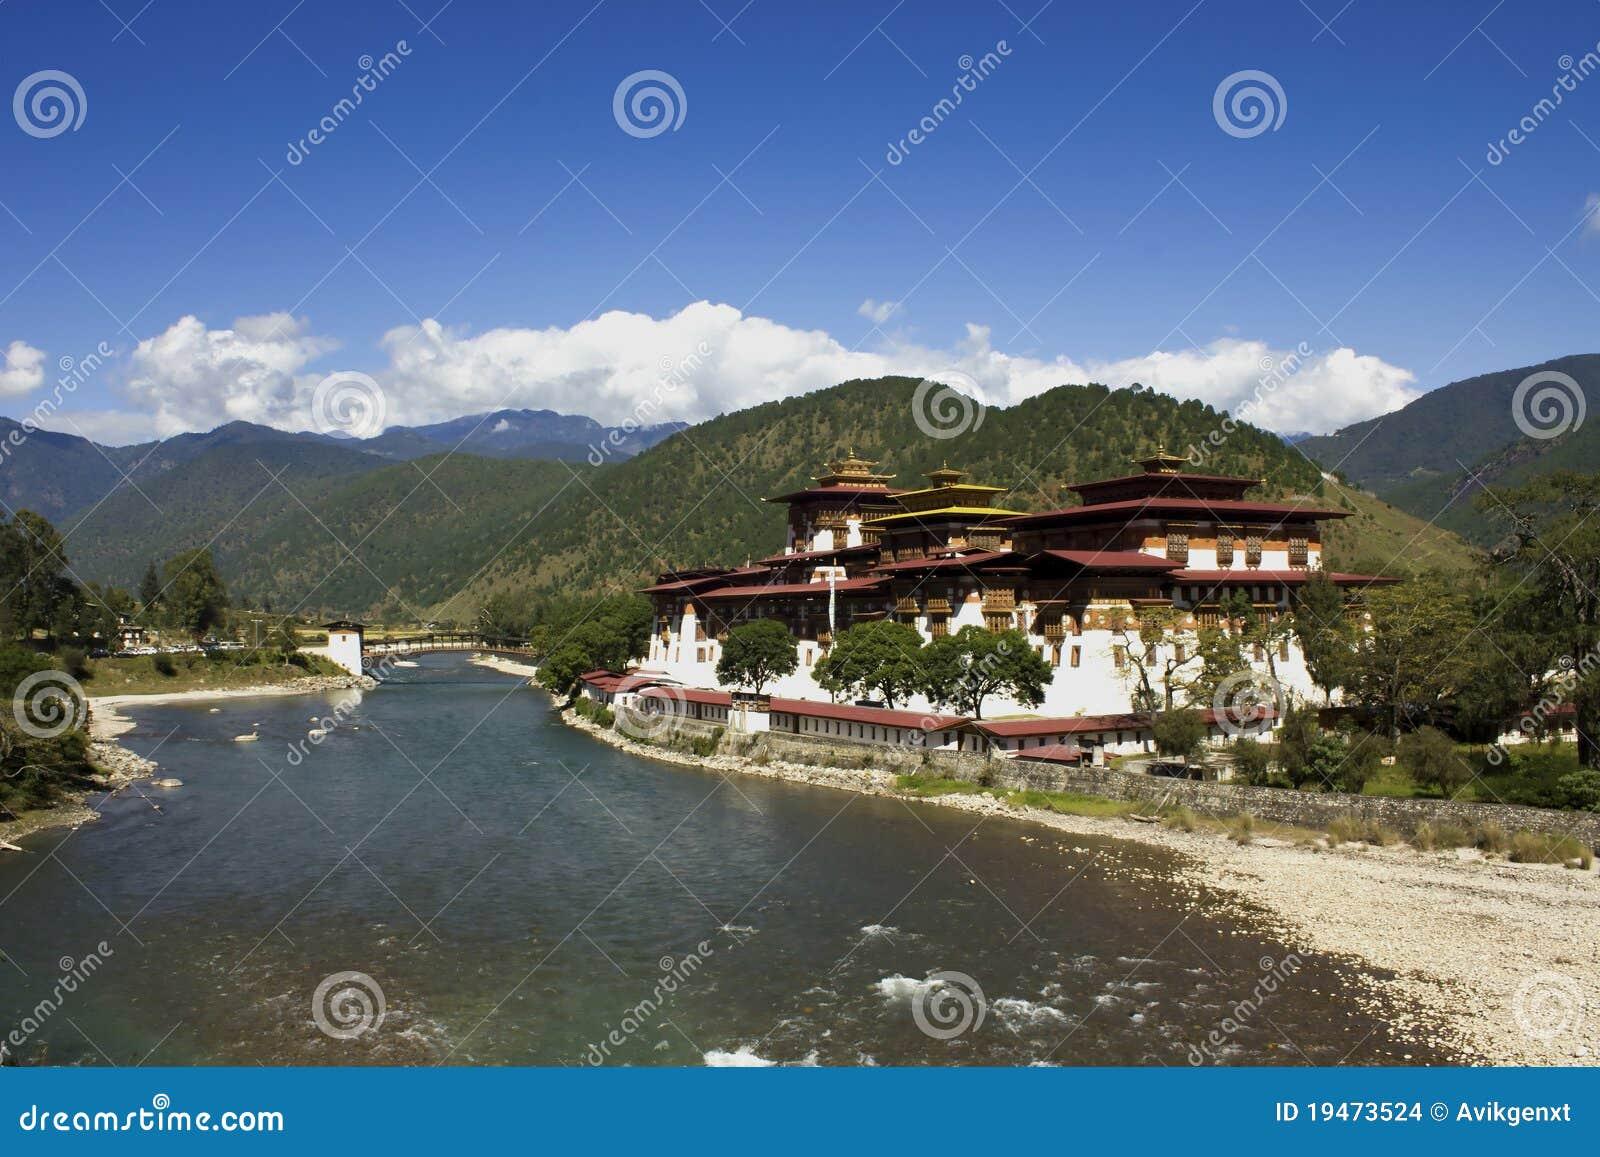 Asia bhutan klosterpunakha